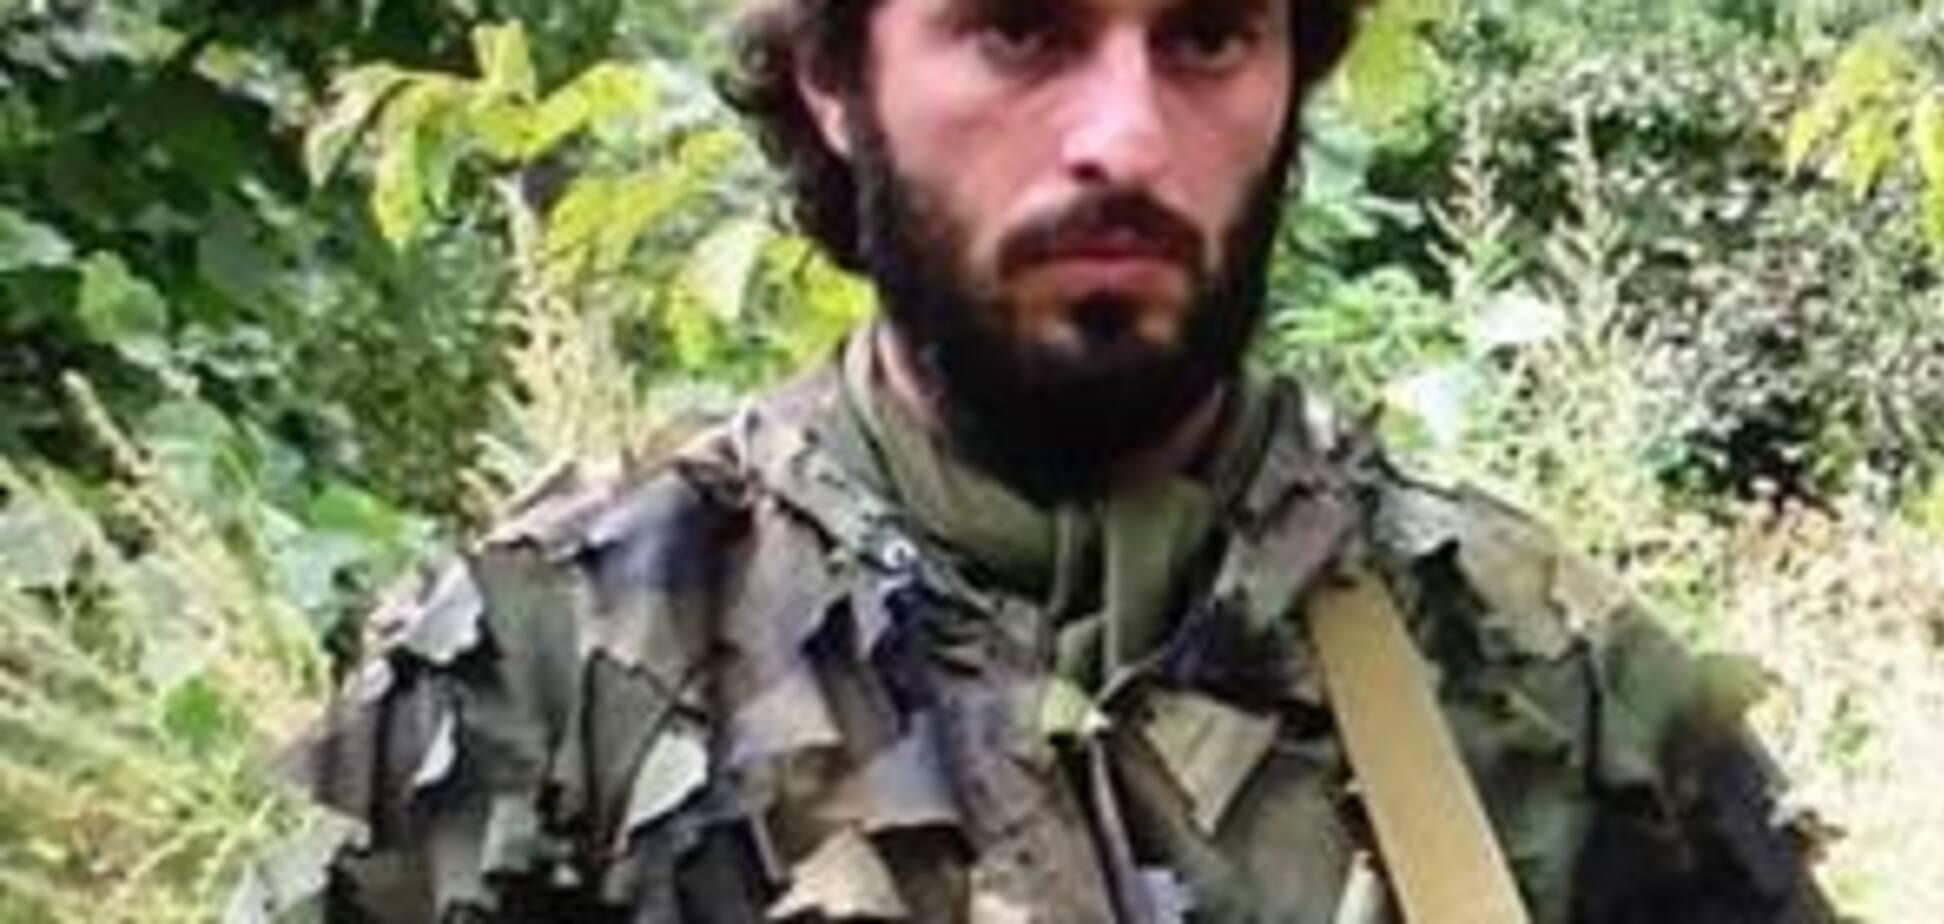 СБУ: вбитий Махаурі боровся з режимом Путіна і був особистим ворогом Кадирова